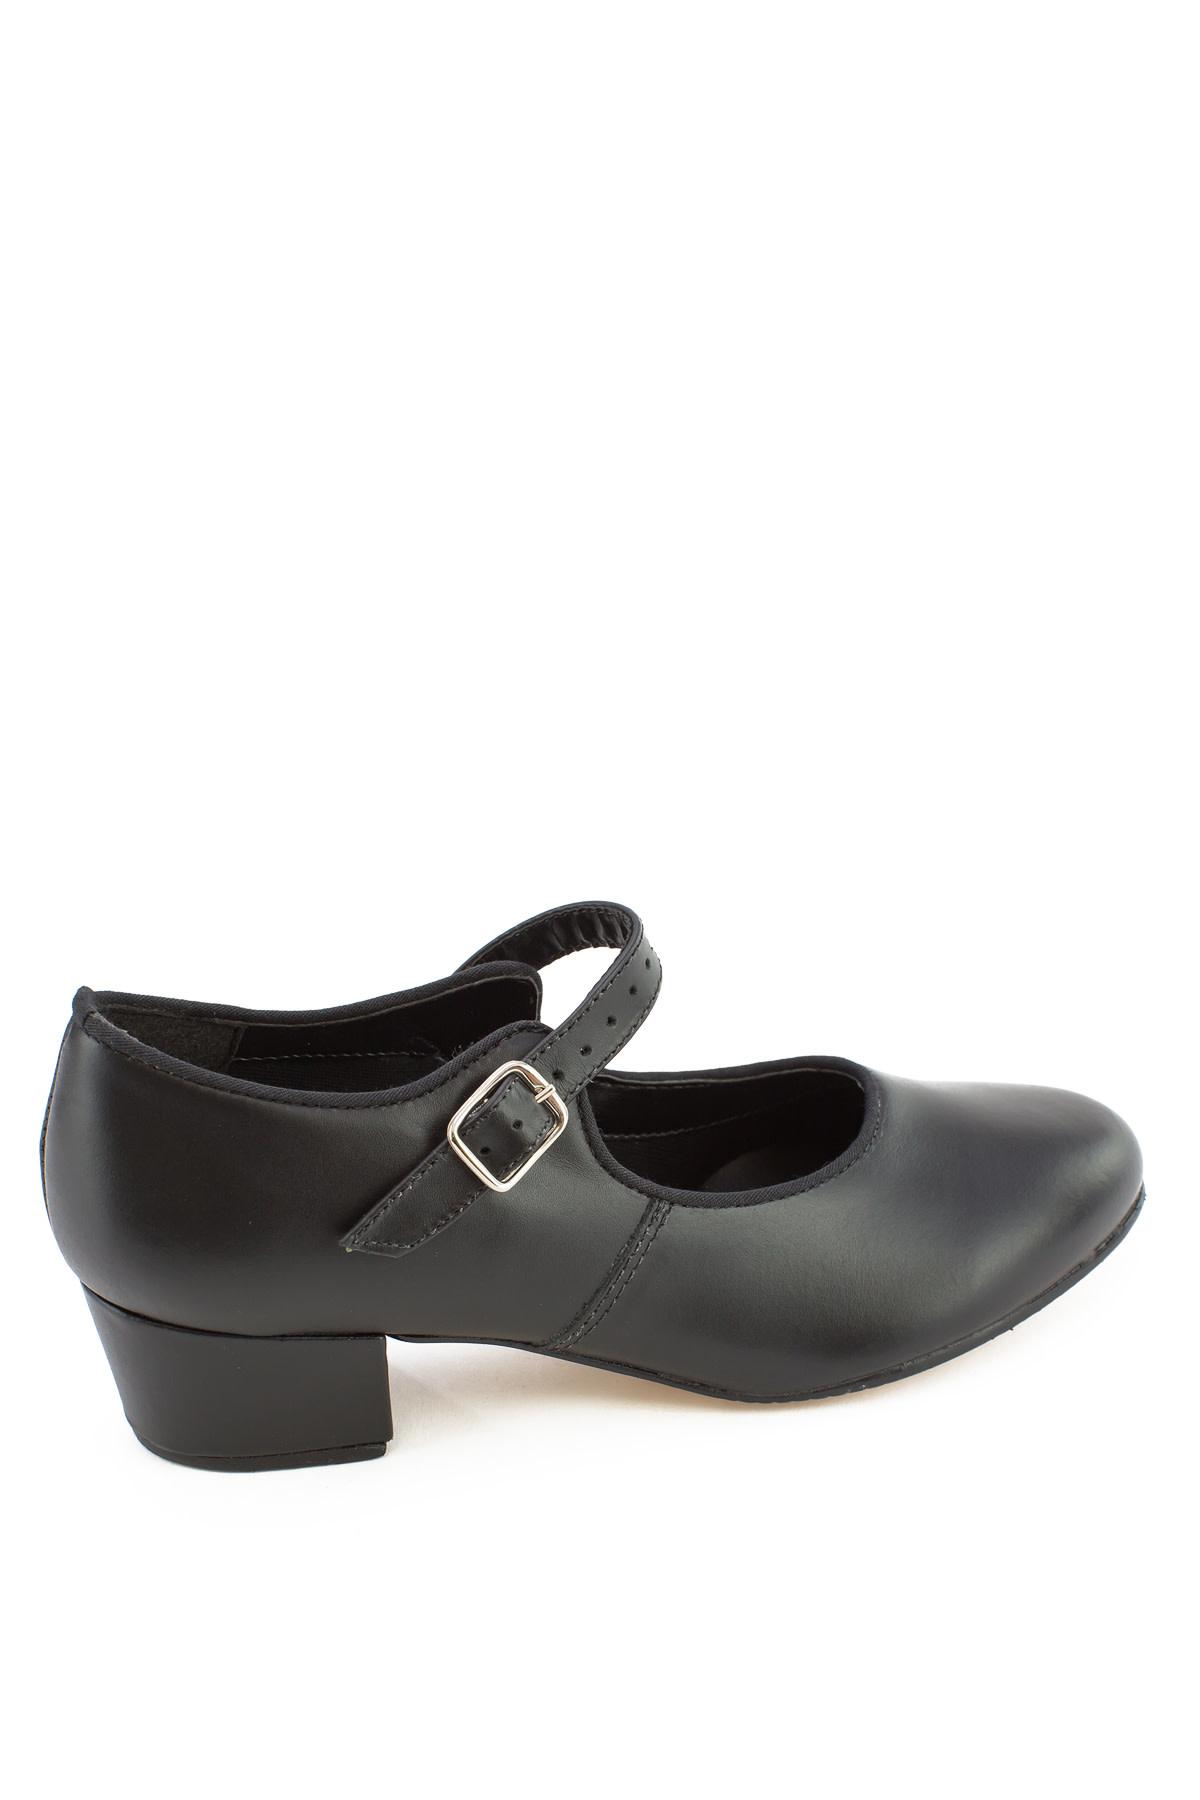 So Danca Cuban heel Character So Danca CH-01, 1.25 Heel